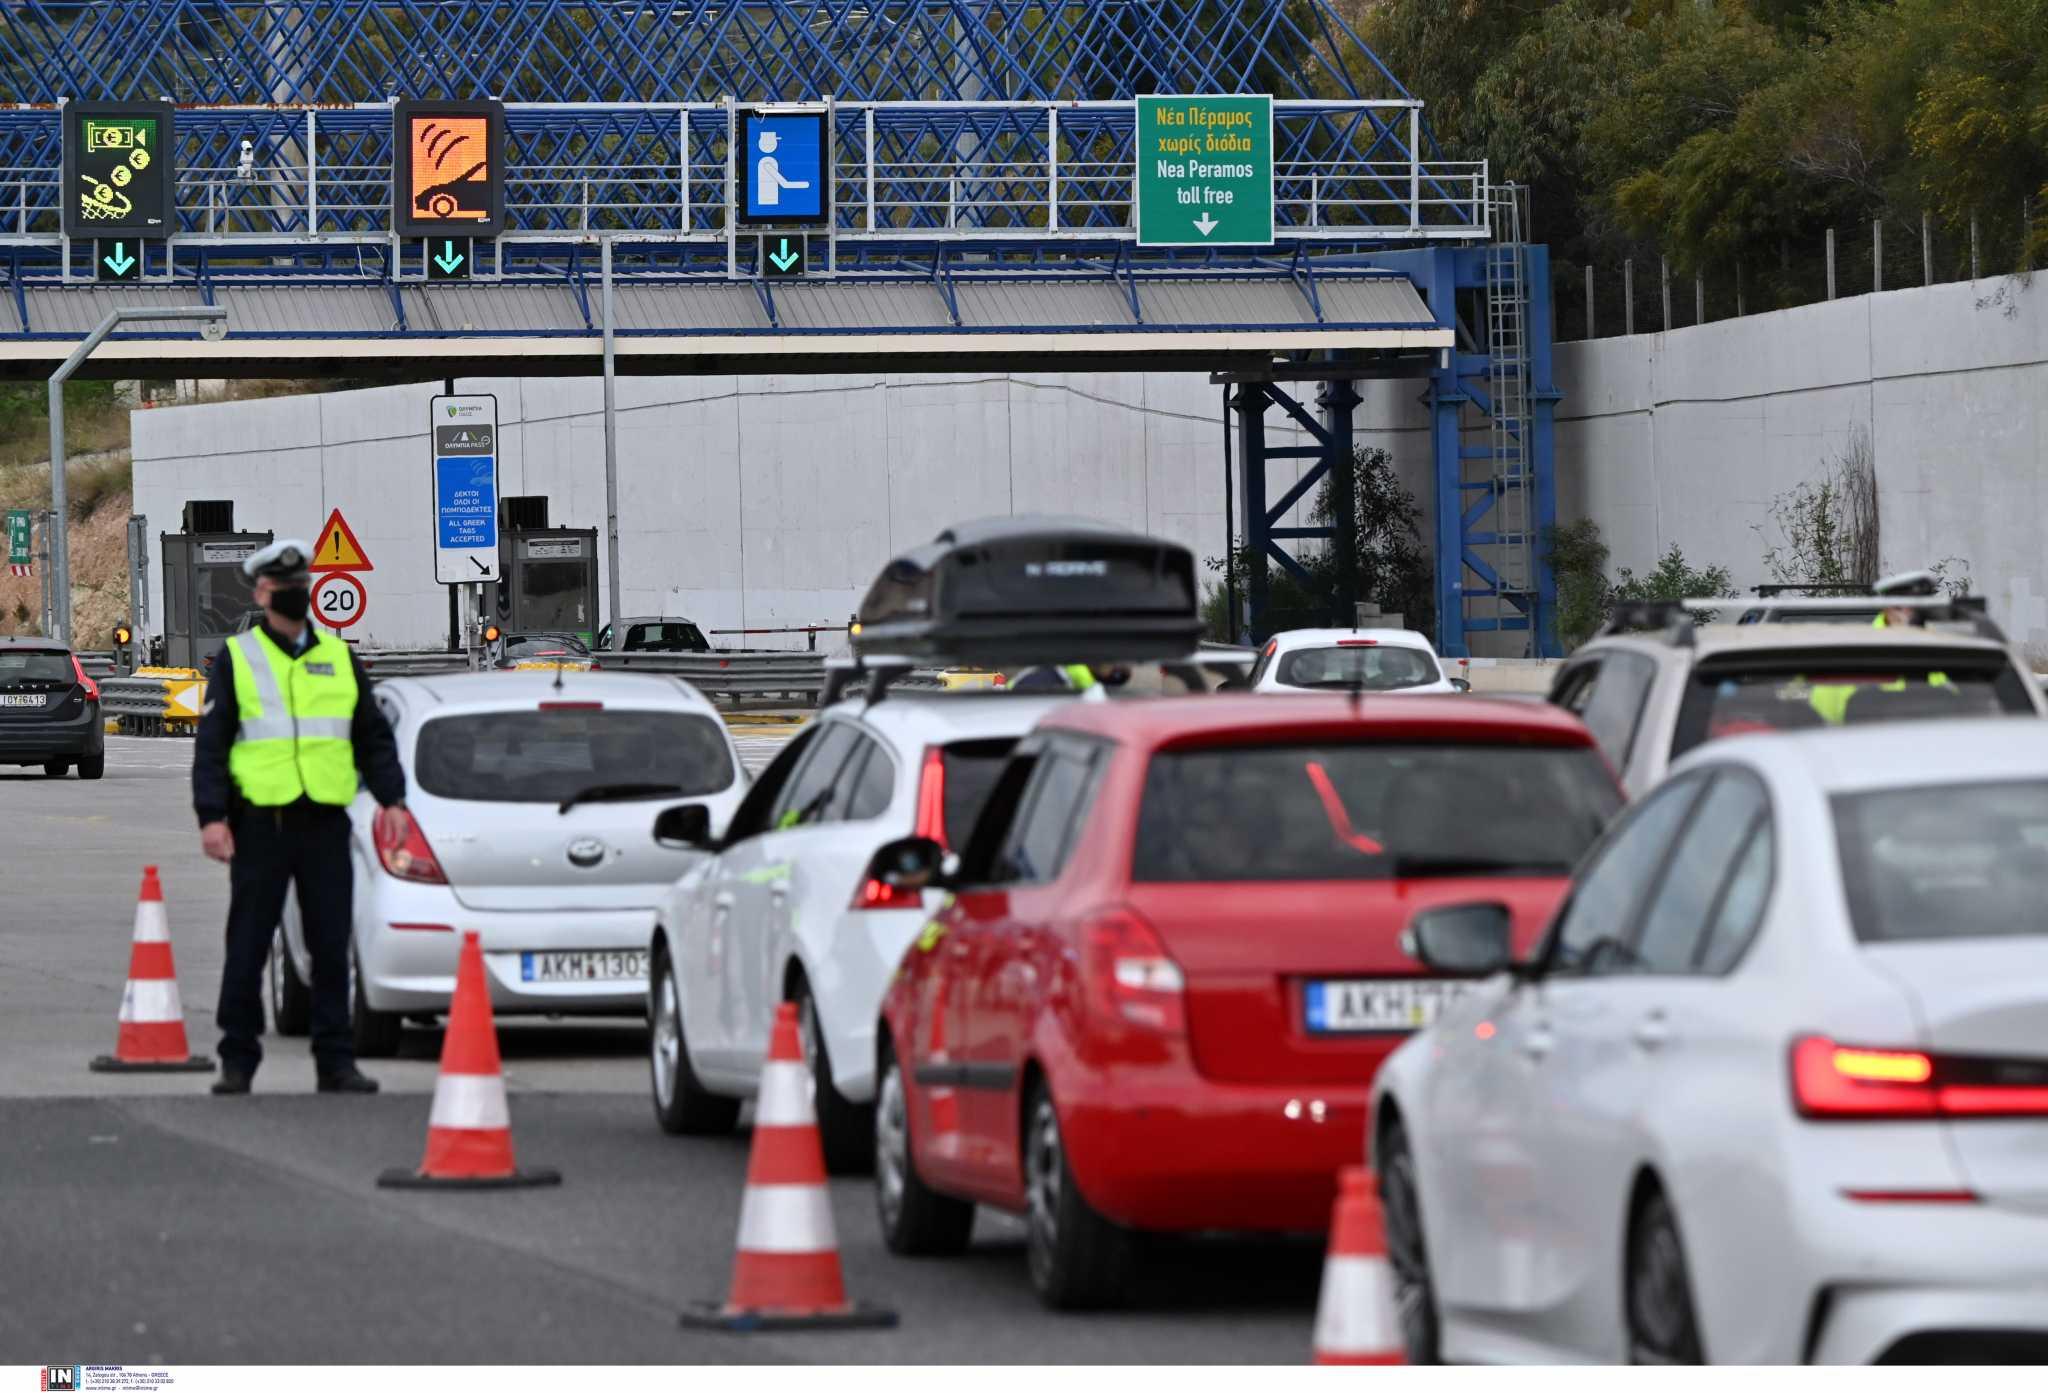 Απαγόρευση κυκλοφορίας: Πότε επιτρέπεται η μετακίνηση από νομό σε νομό